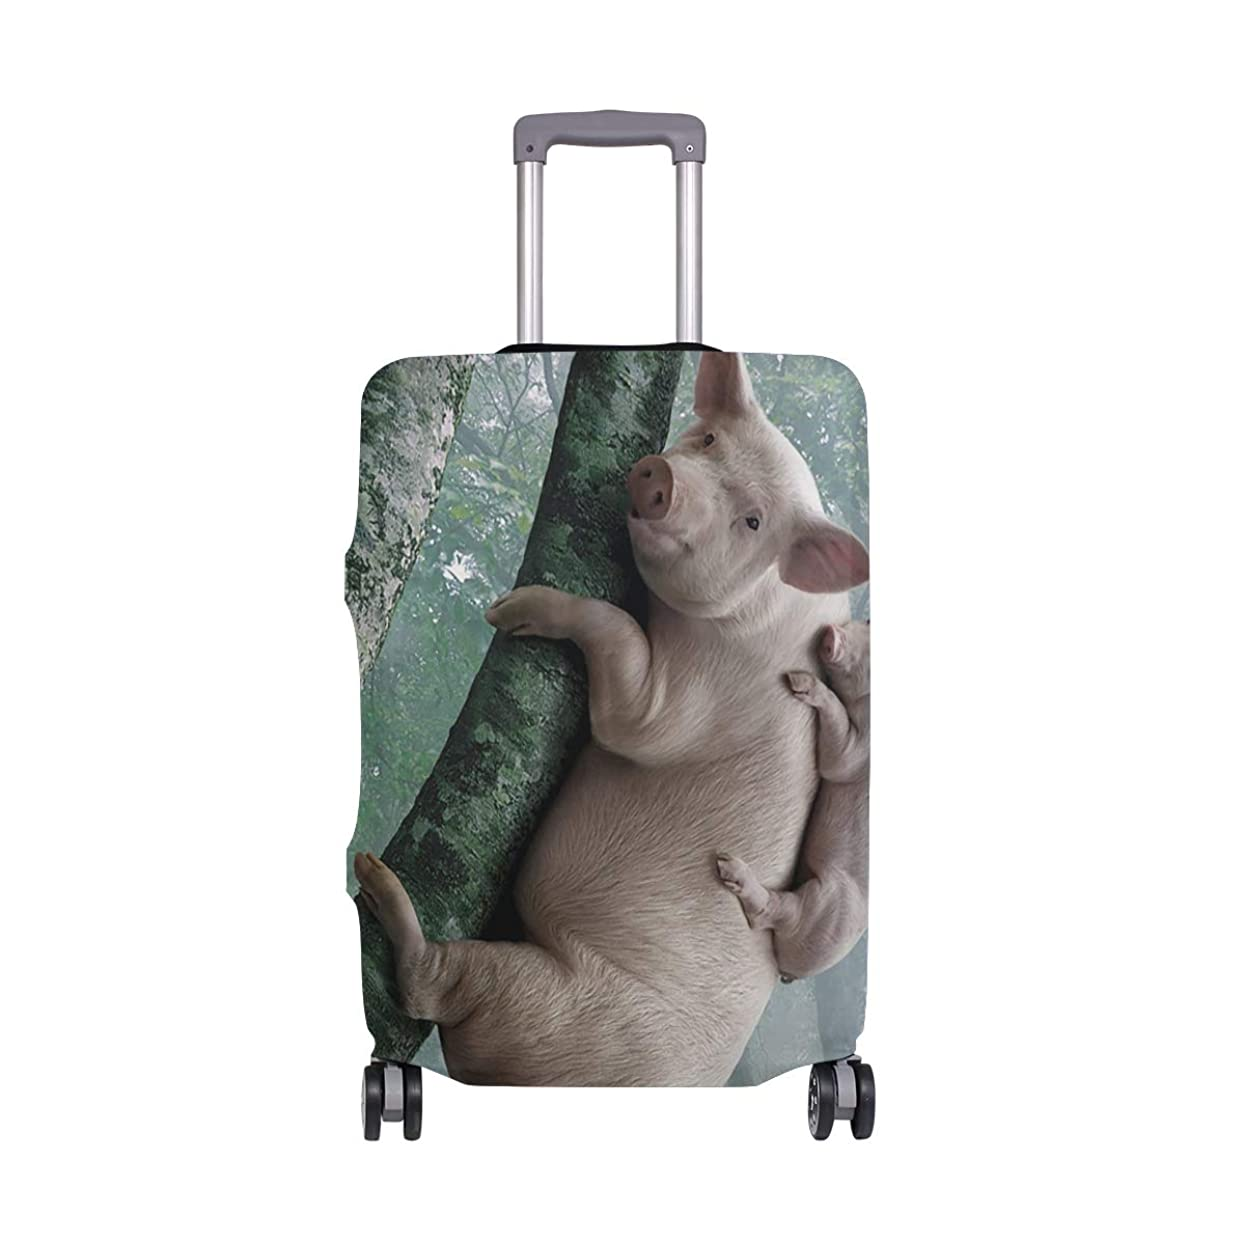 裂け目シンプトン希望に満ちたスーツケースカバー 伸縮弾性素材 洗える おしゃれ 旅行 海外 かわいい 豚は木に登る パターン トラベルダストカバー 通気性 傷防止 防塵カバー